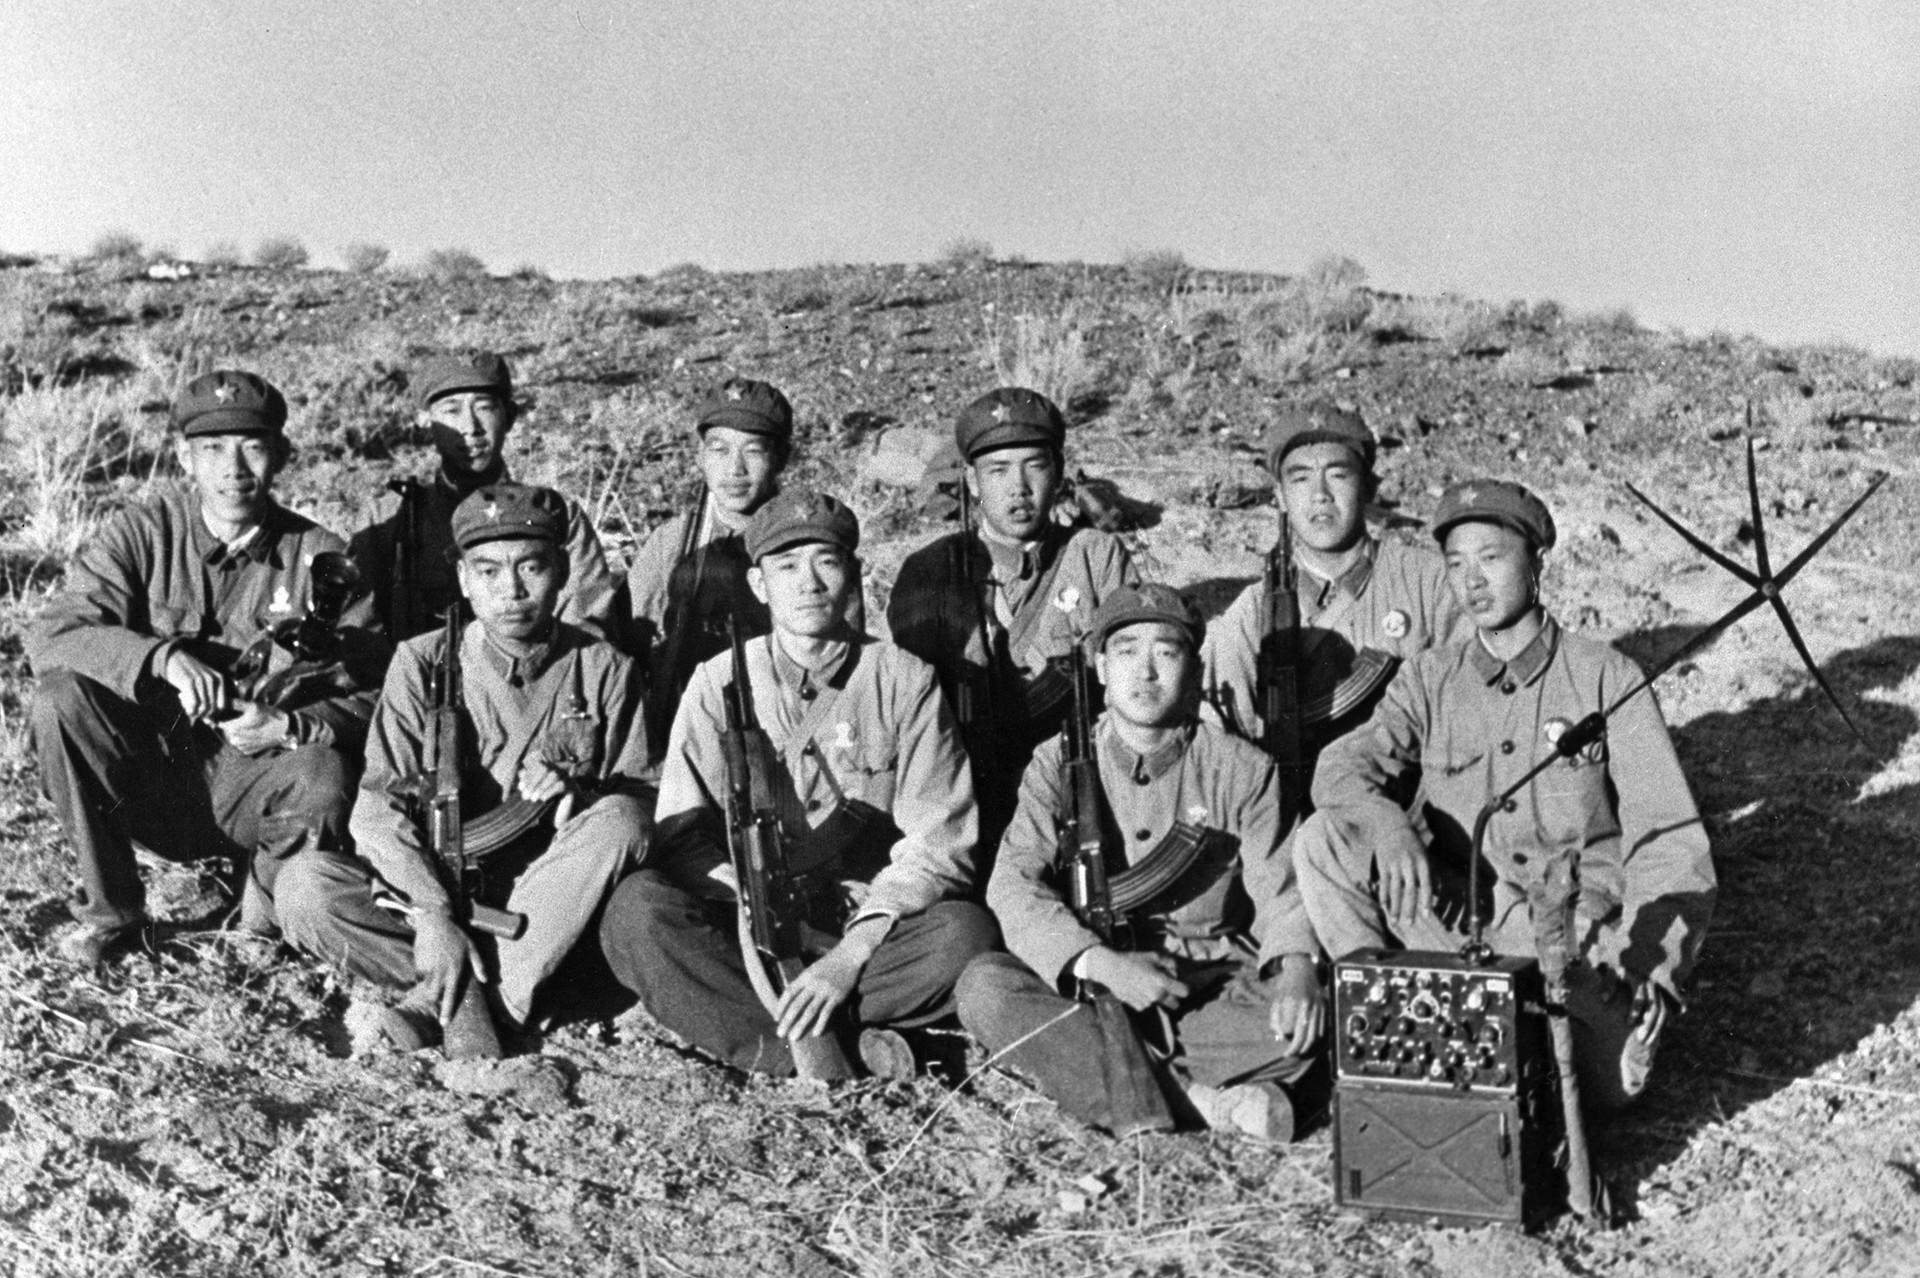 Kineski vojnici naoružani Kalašnjikovima fotografirani prilikom borbe sa sovjetskim pograničnim postrojbama tijekom sino-sovjetskog pograničnog sukoba.